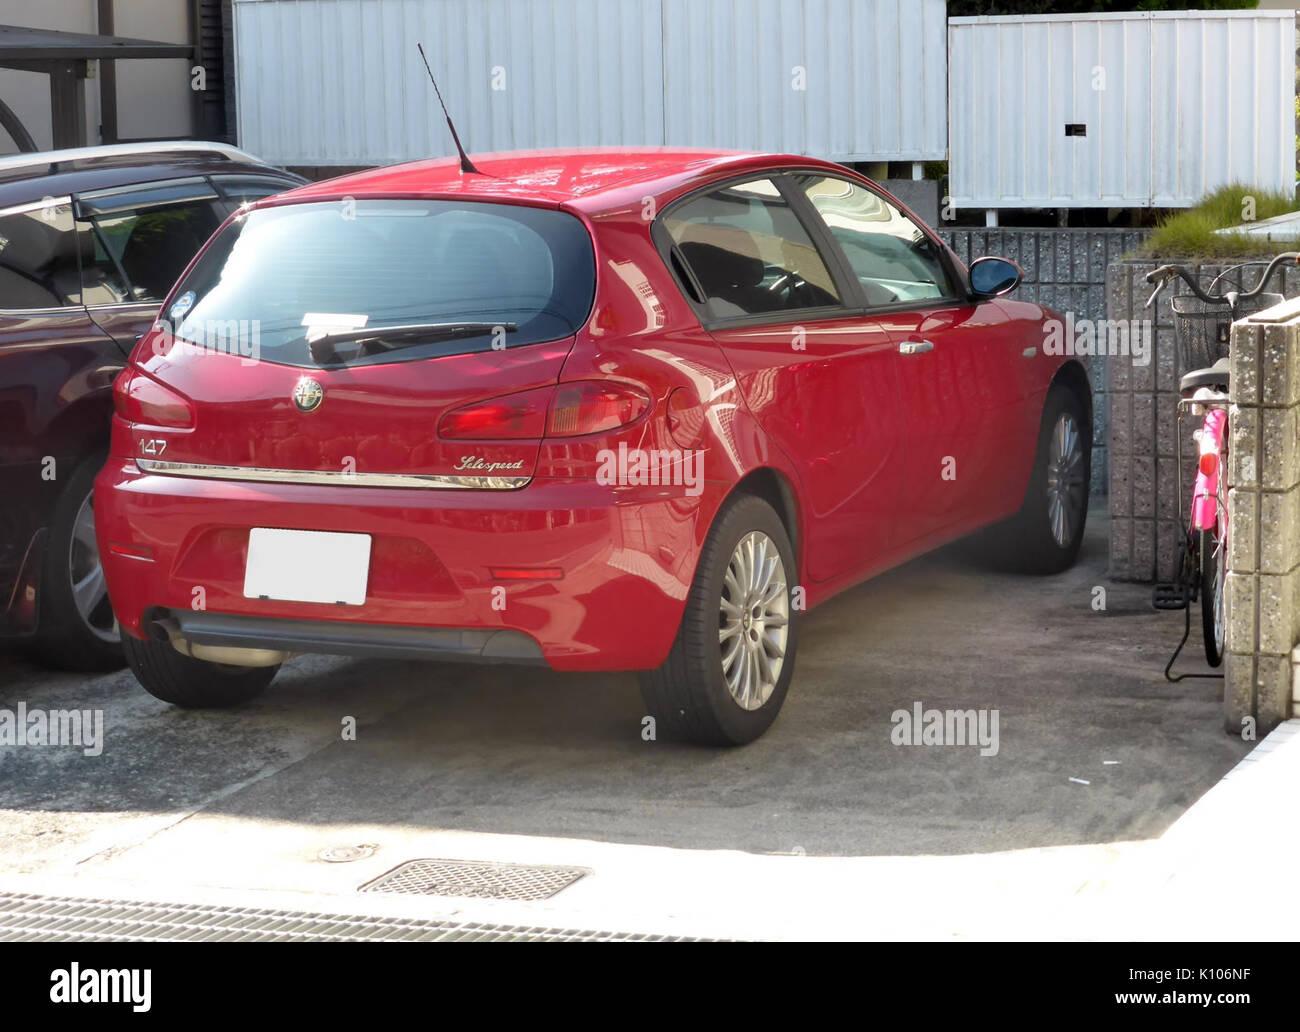 Alfa Romeo 147 Selespeed Rear Stock Photo 155513275 Alamy